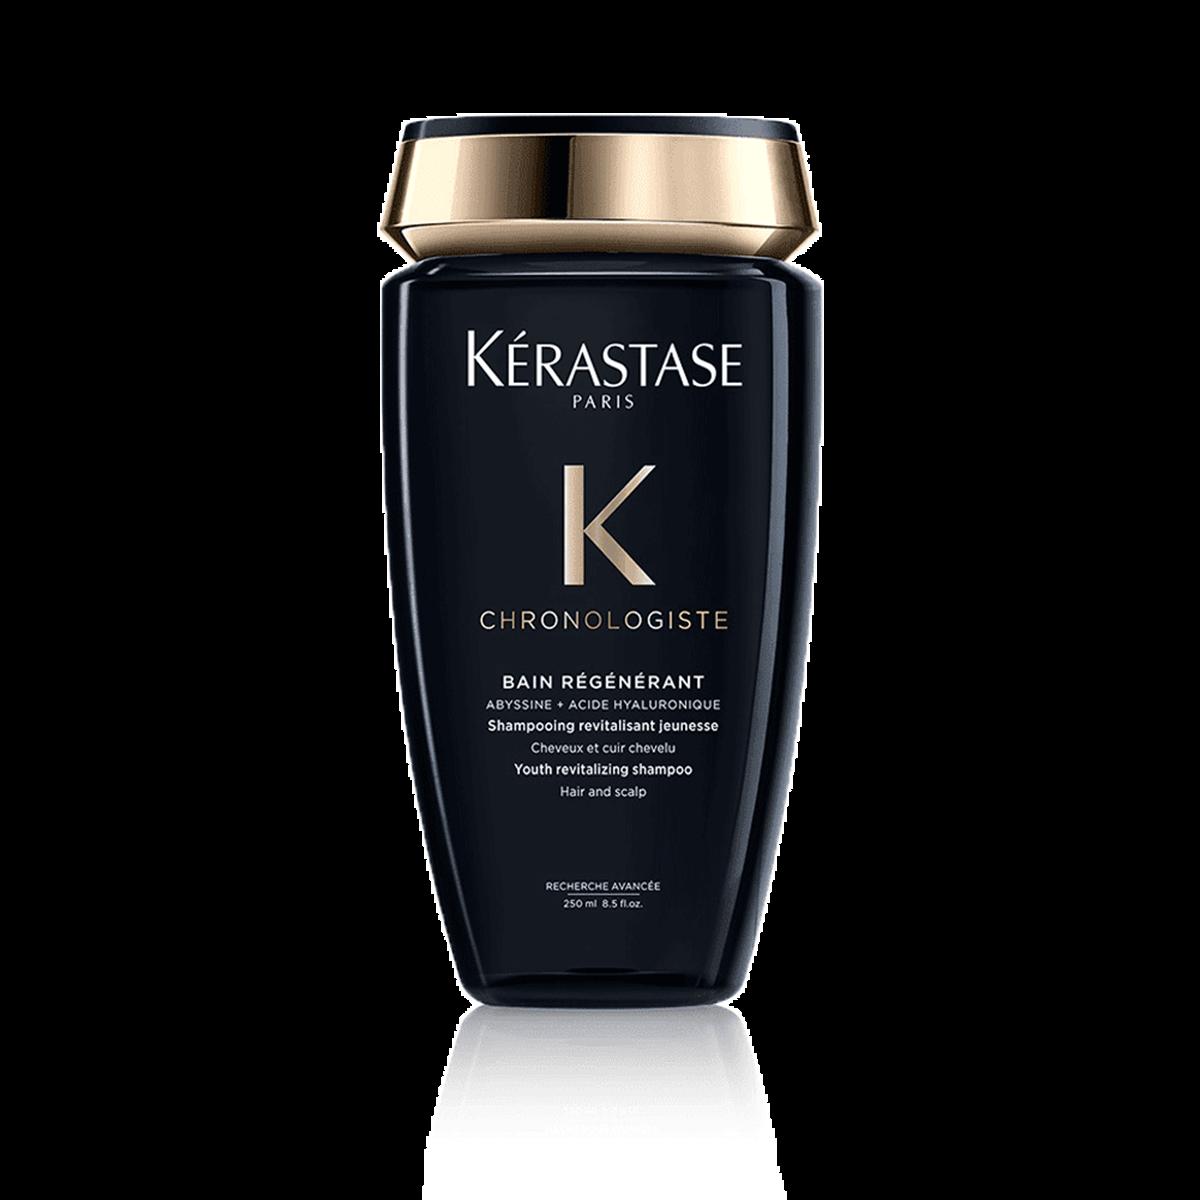 Kerastase Chronologiste Canlandırıcı Şampuan - Bain Régénérant 250 ml